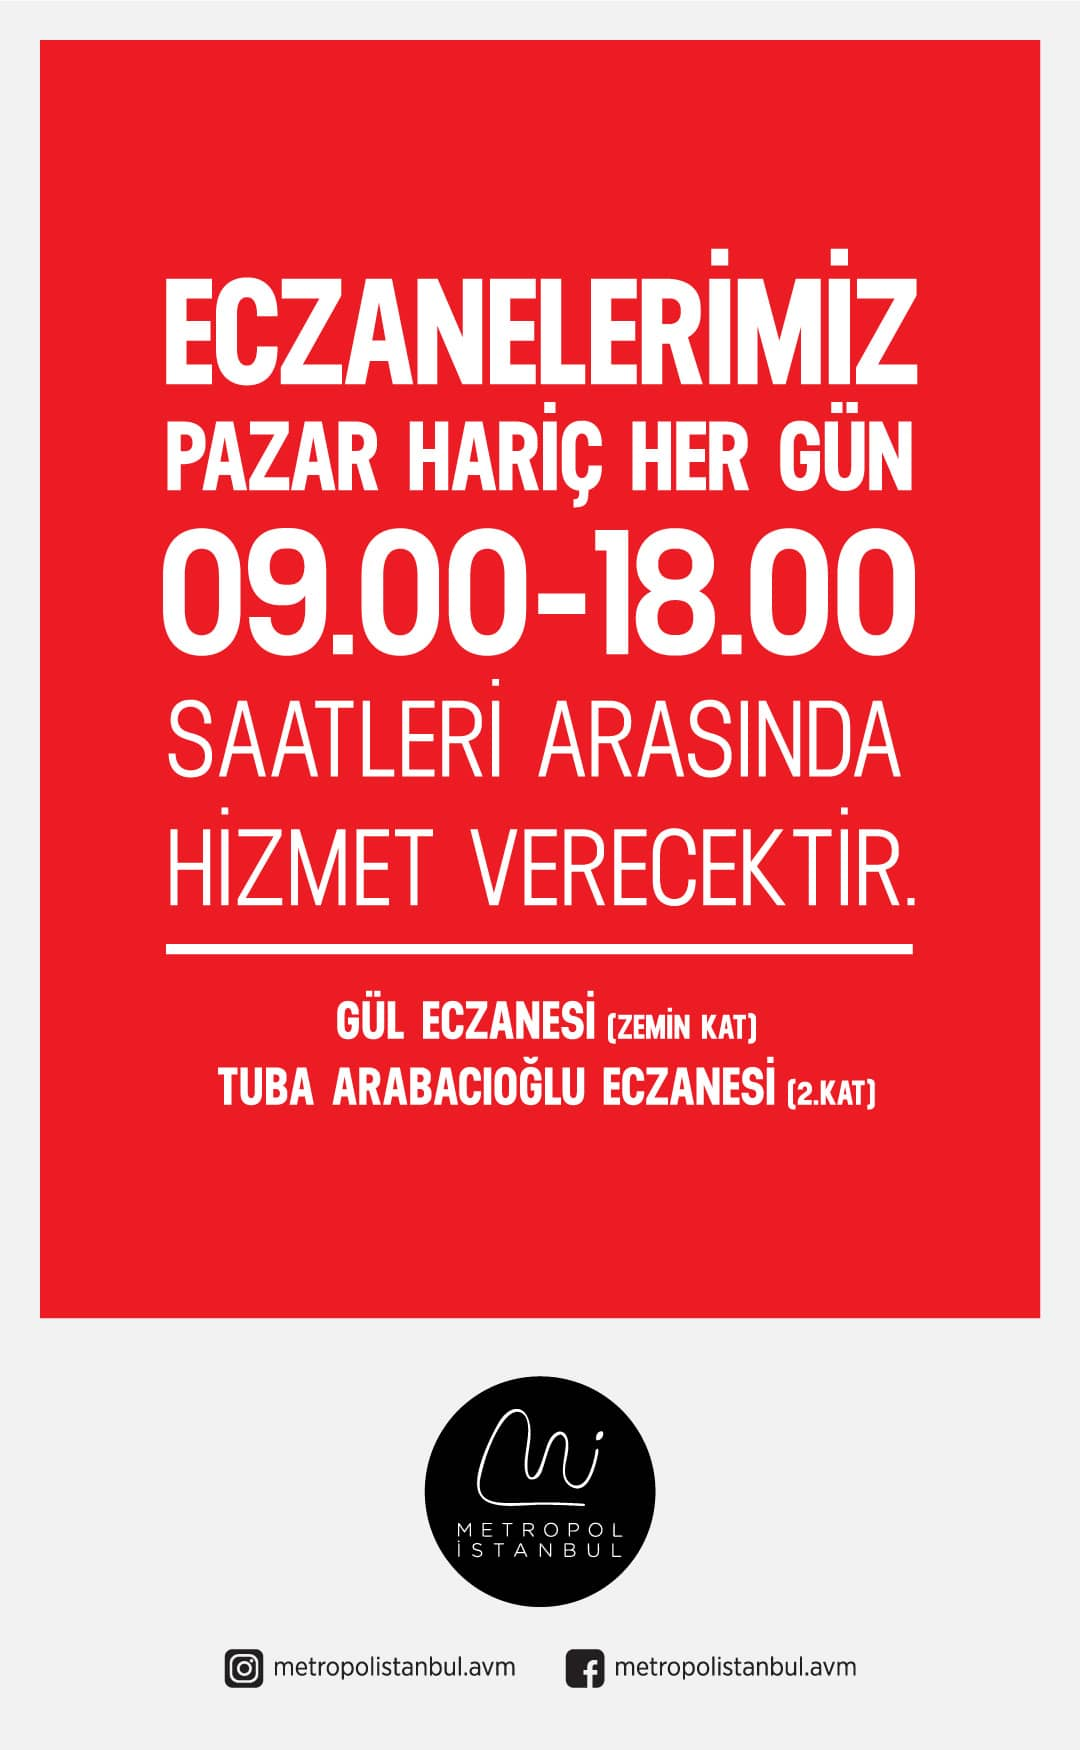 Metropol İstanbul Eczaneleri Hizmet Saatleri